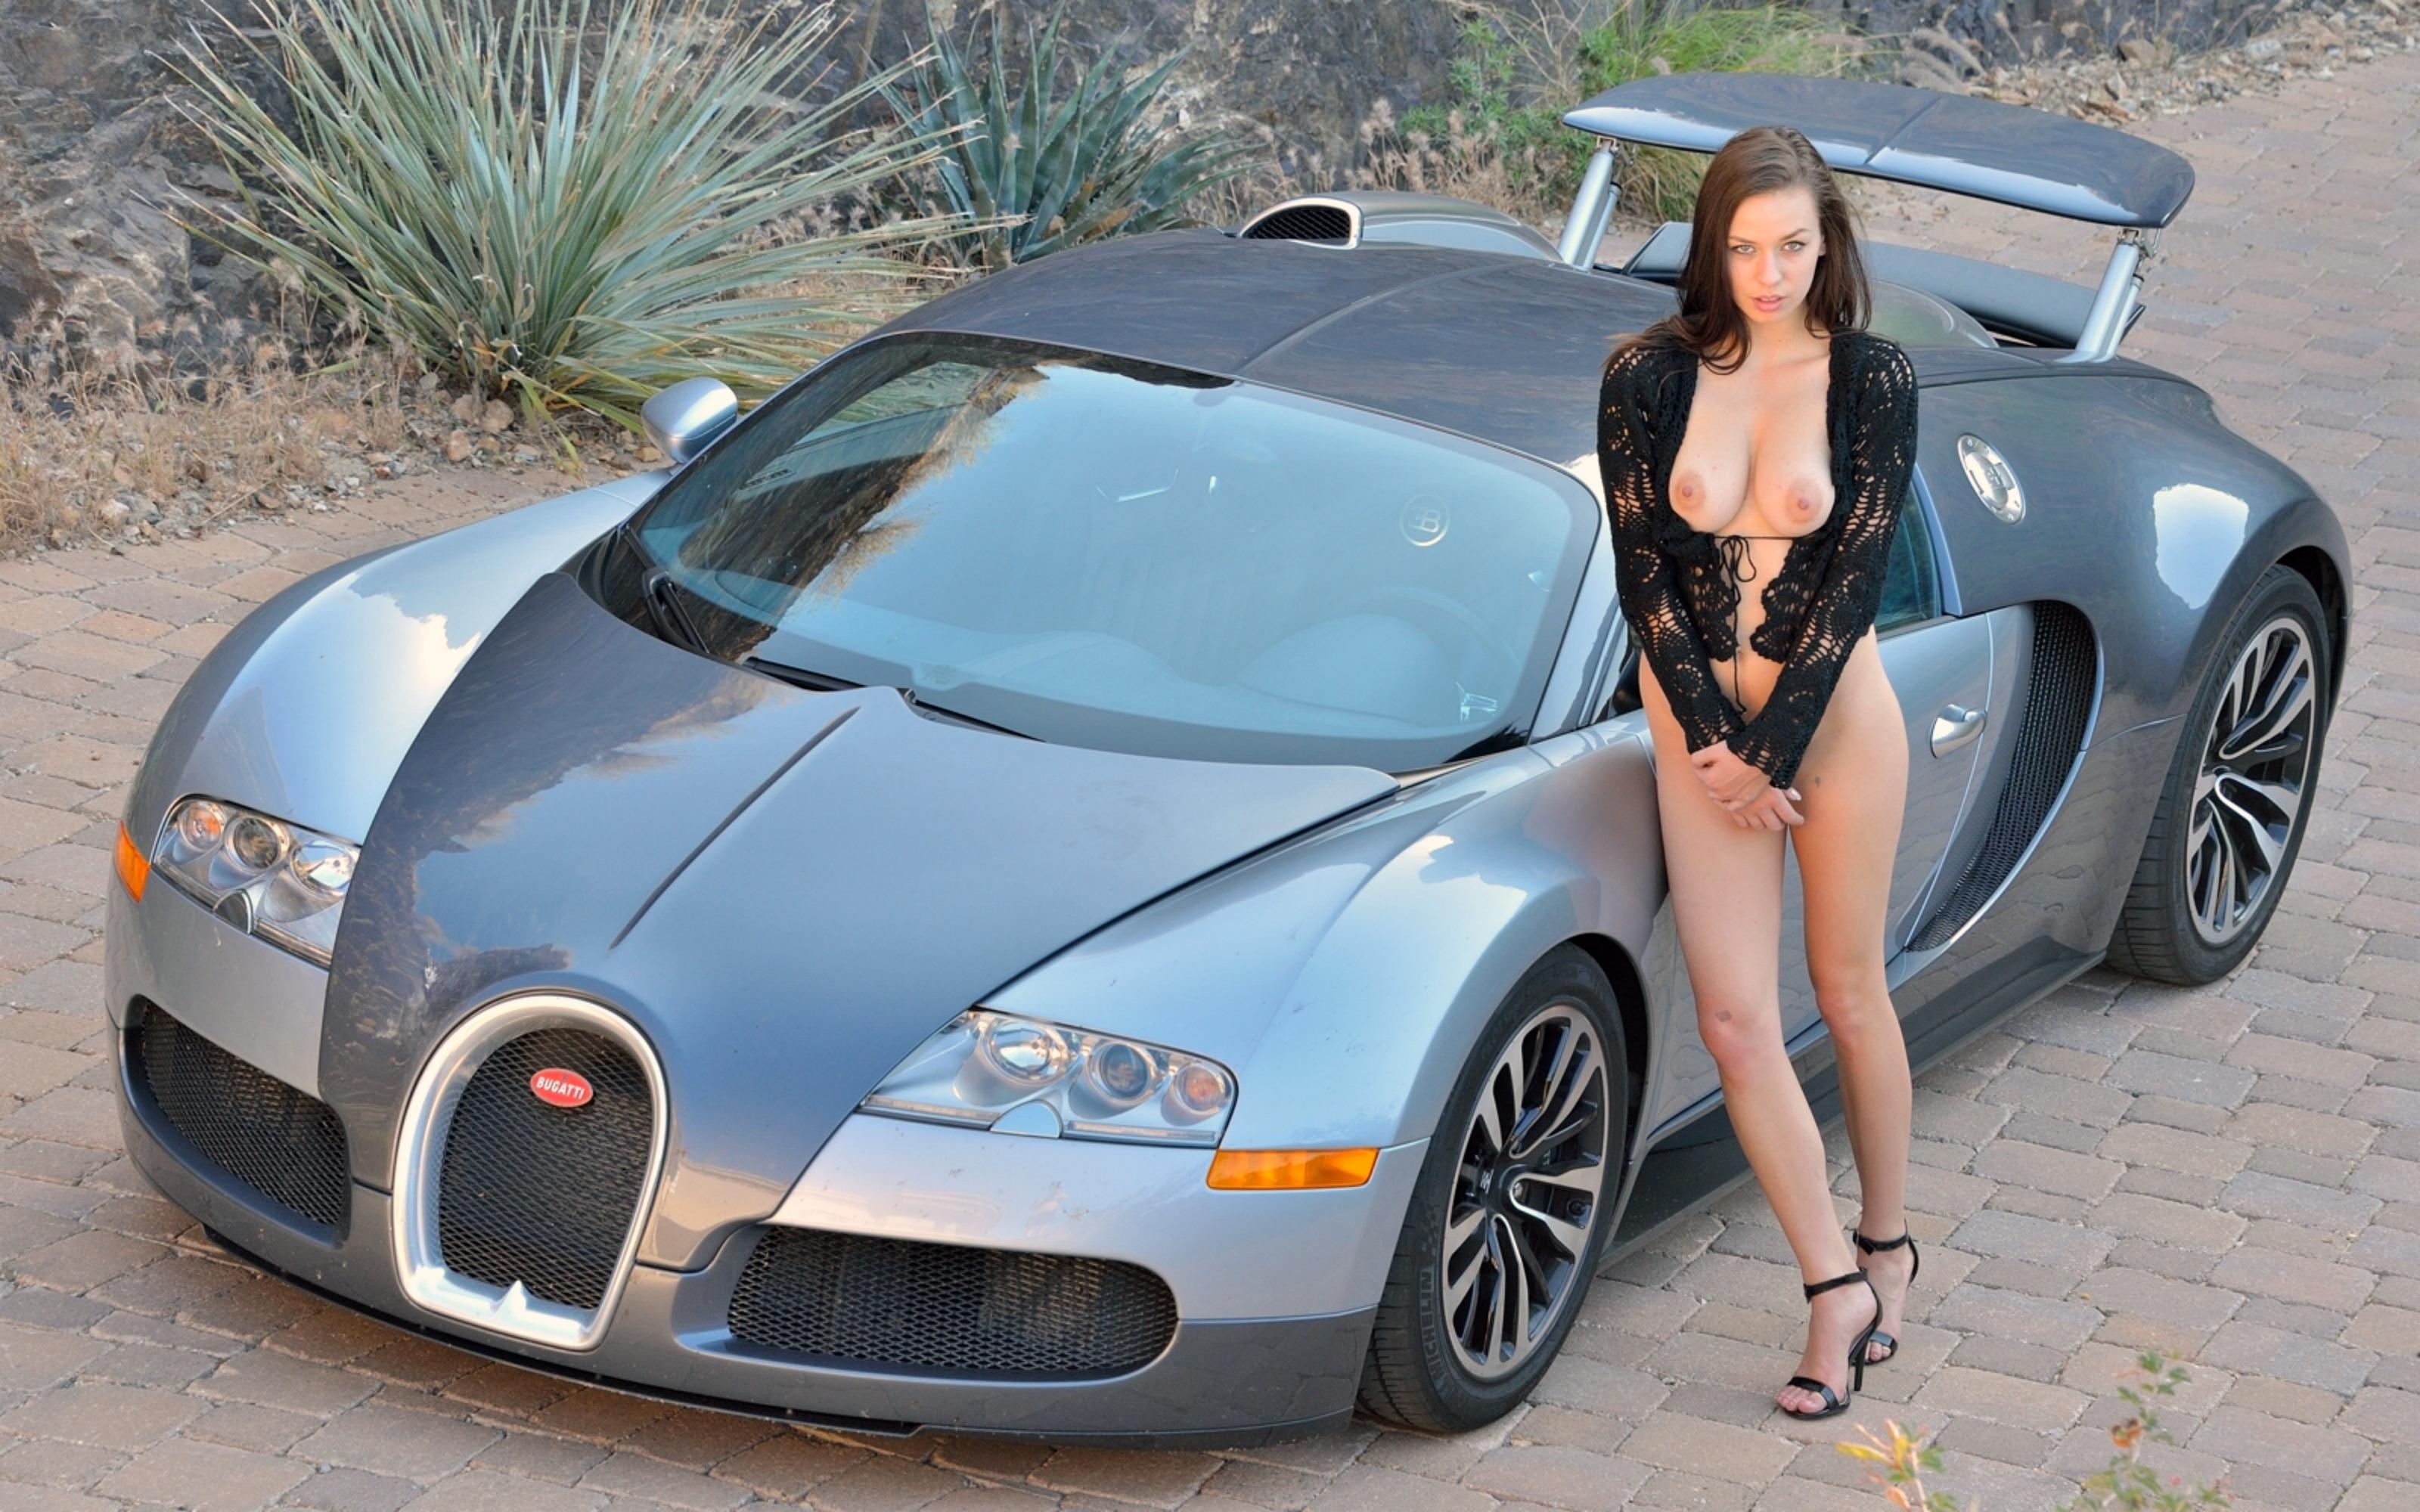 Сексуальные девушки возле машин 7 фотография